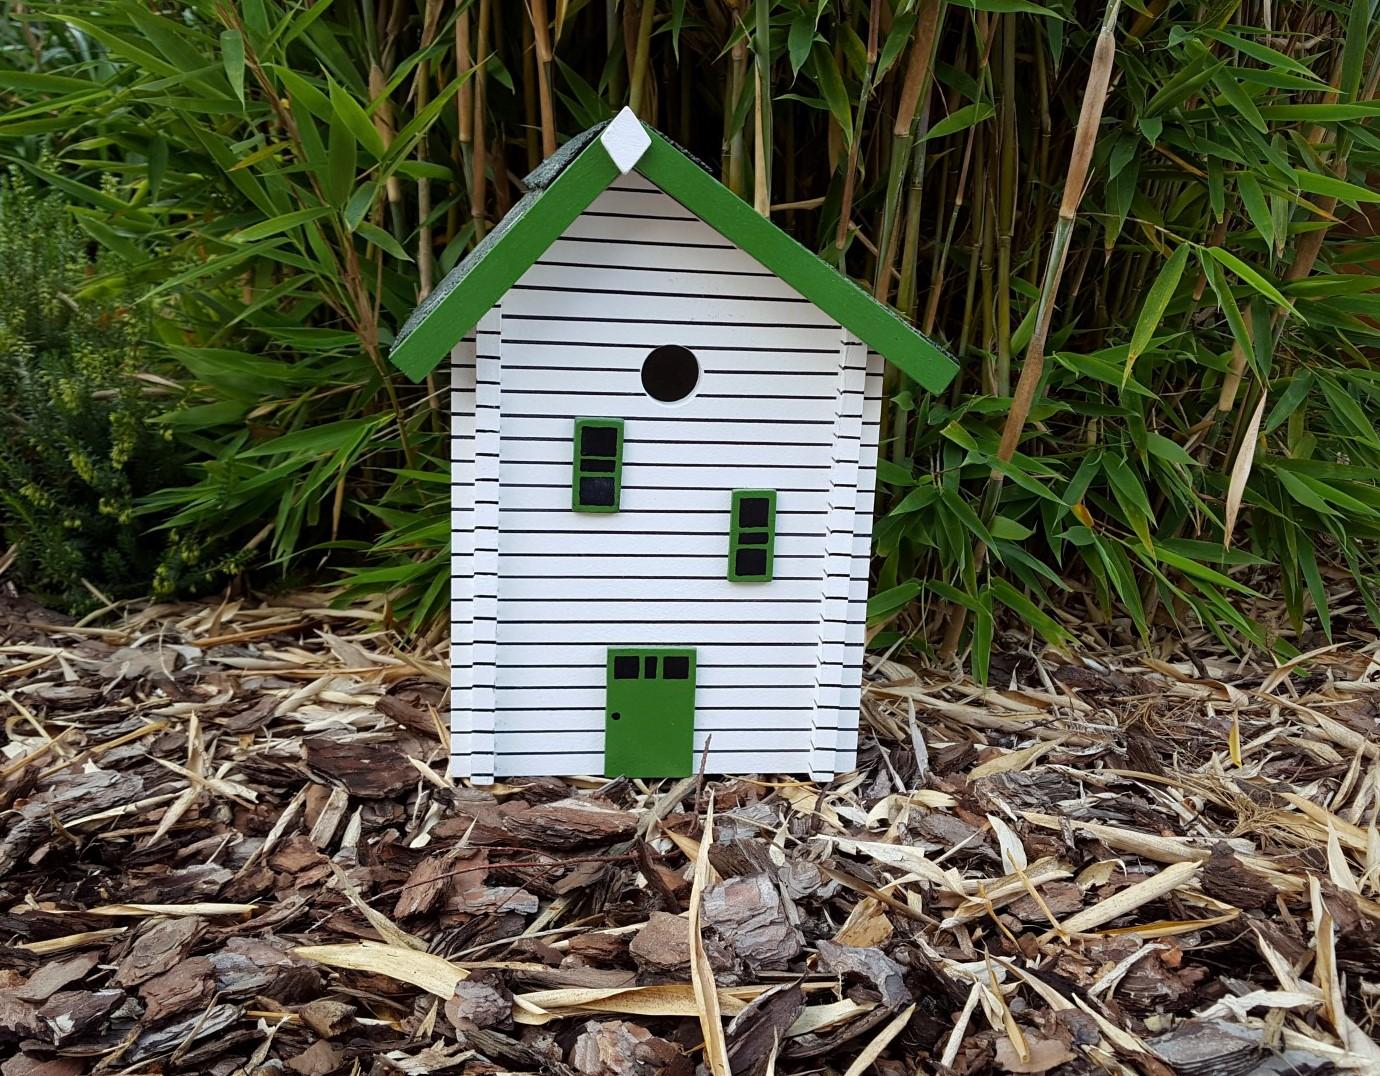 vogelhaus1a